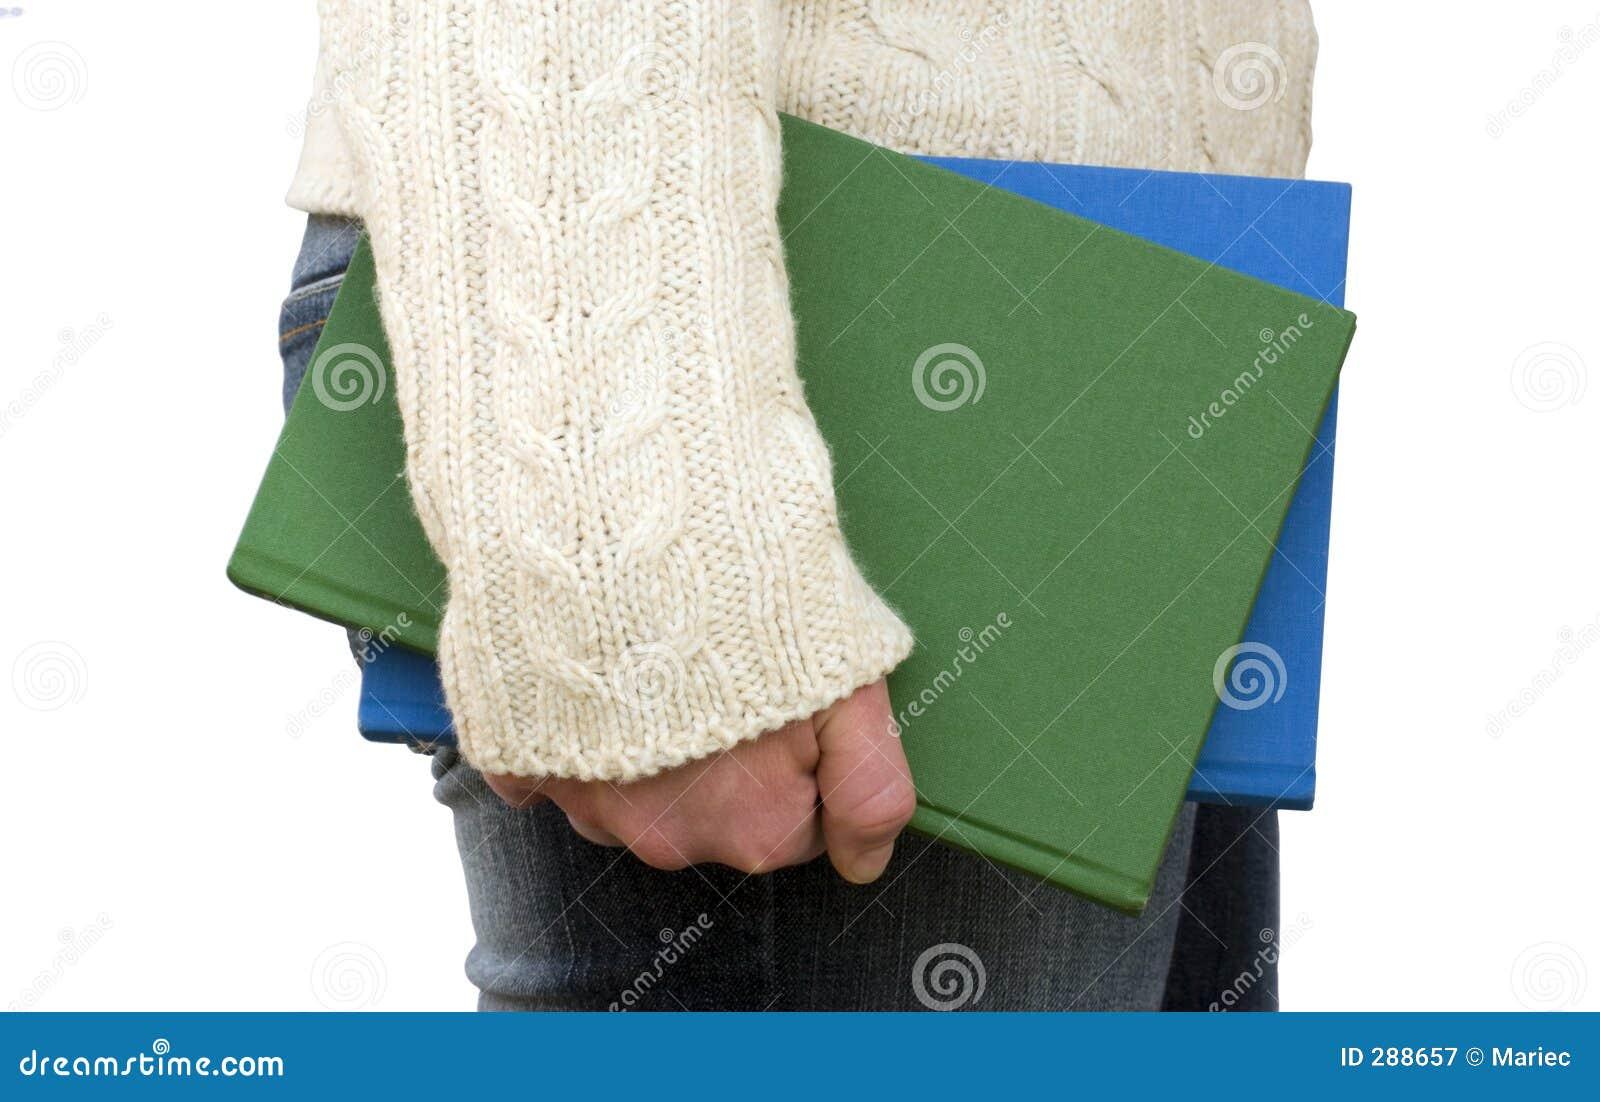 Böcker som rymmer sidan din